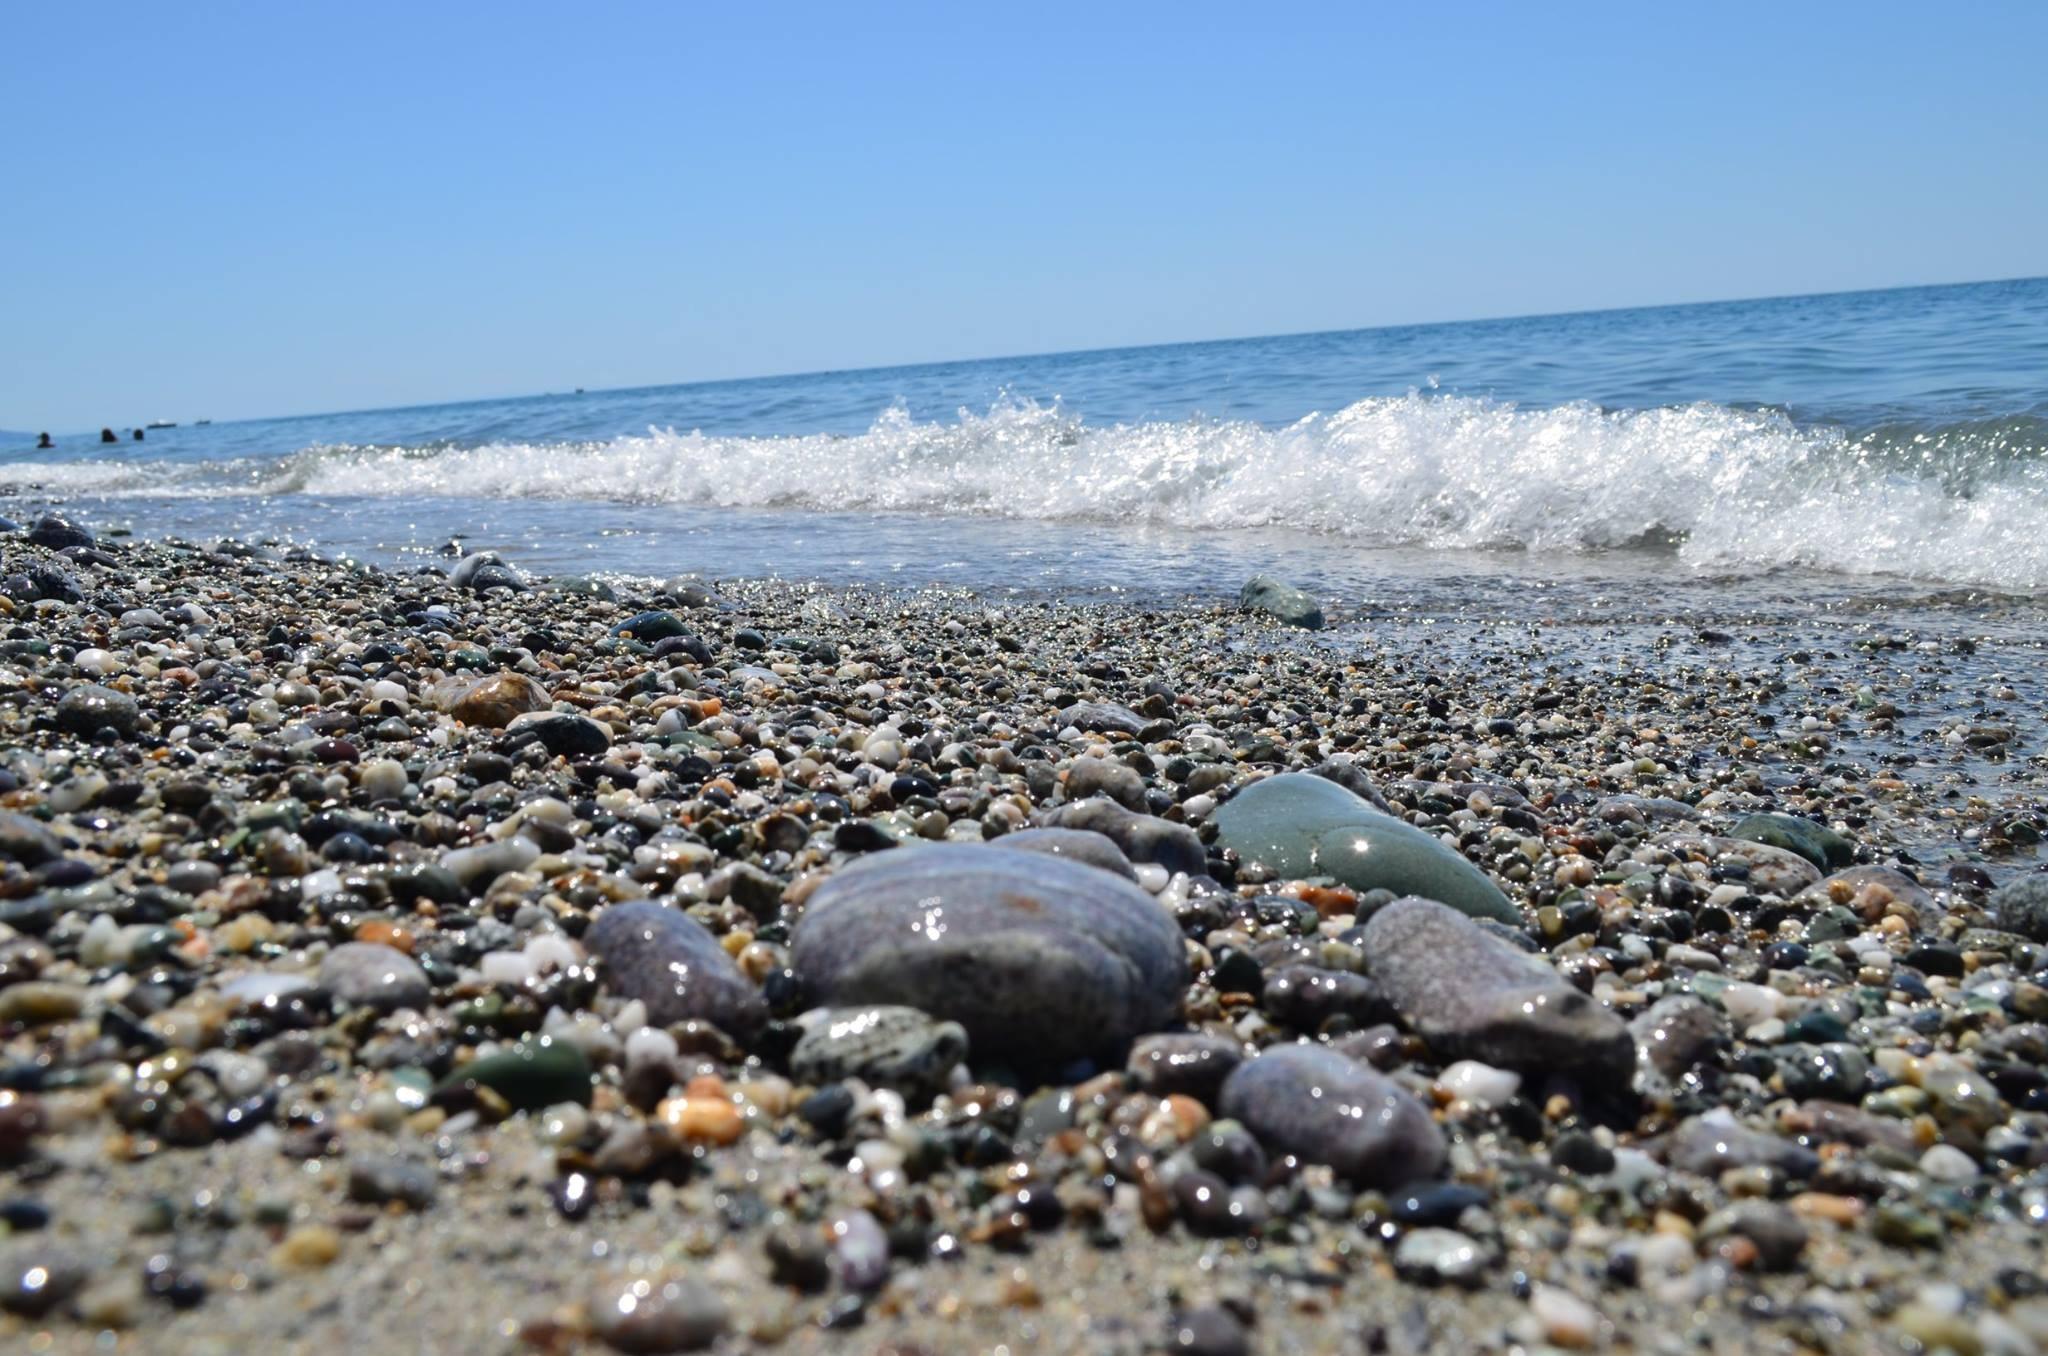 морской берег с галькой картинки